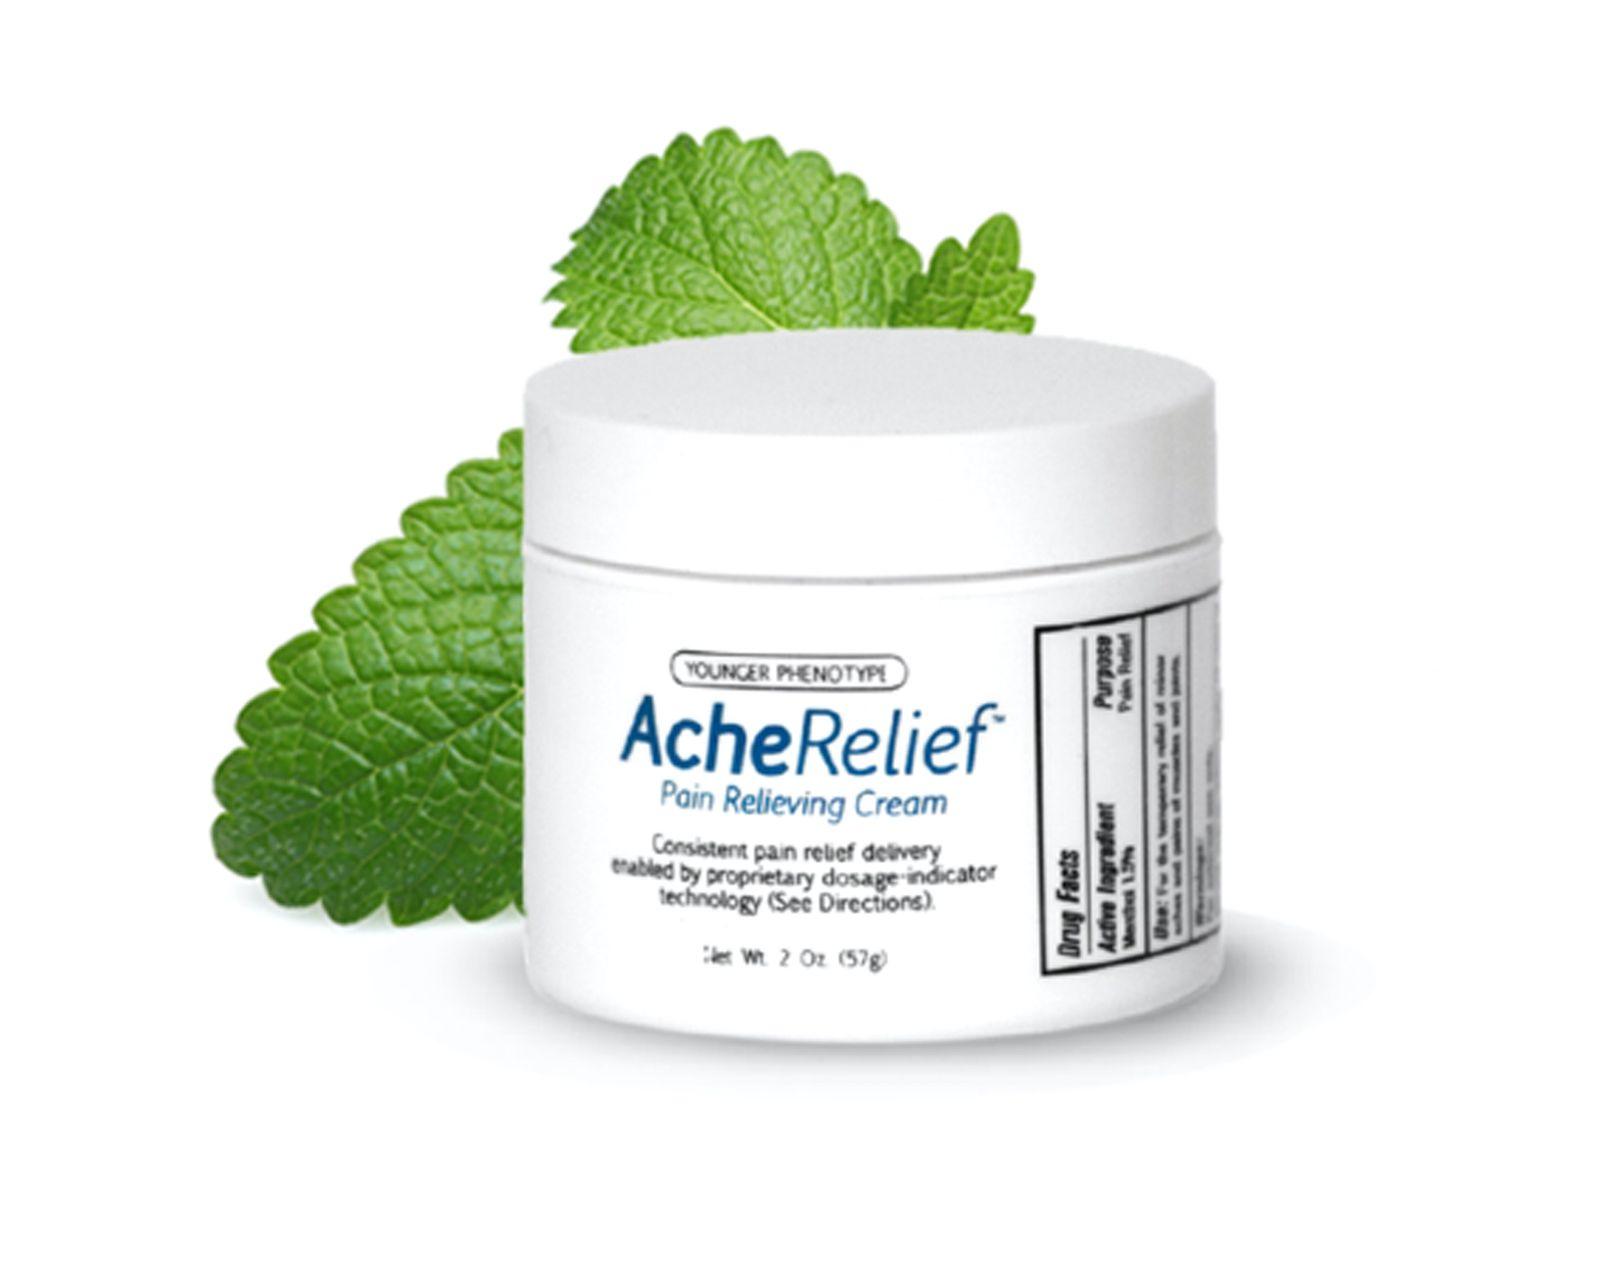 Ache-Relief